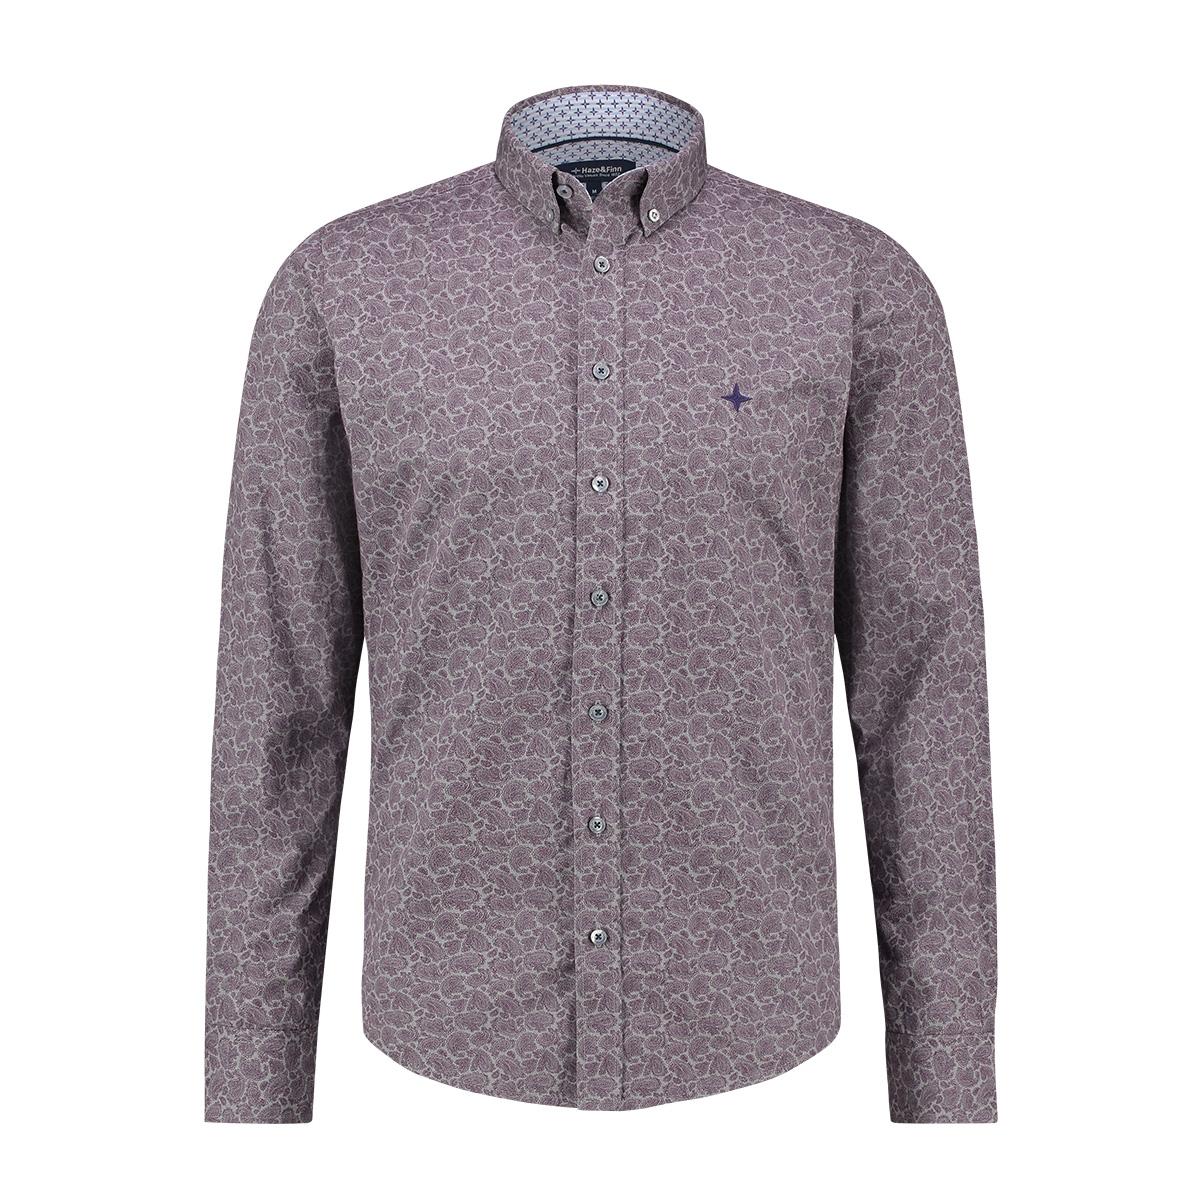 shirt aop regular mc13 0110 03 haze & finn overhemd tulpwood pailsley